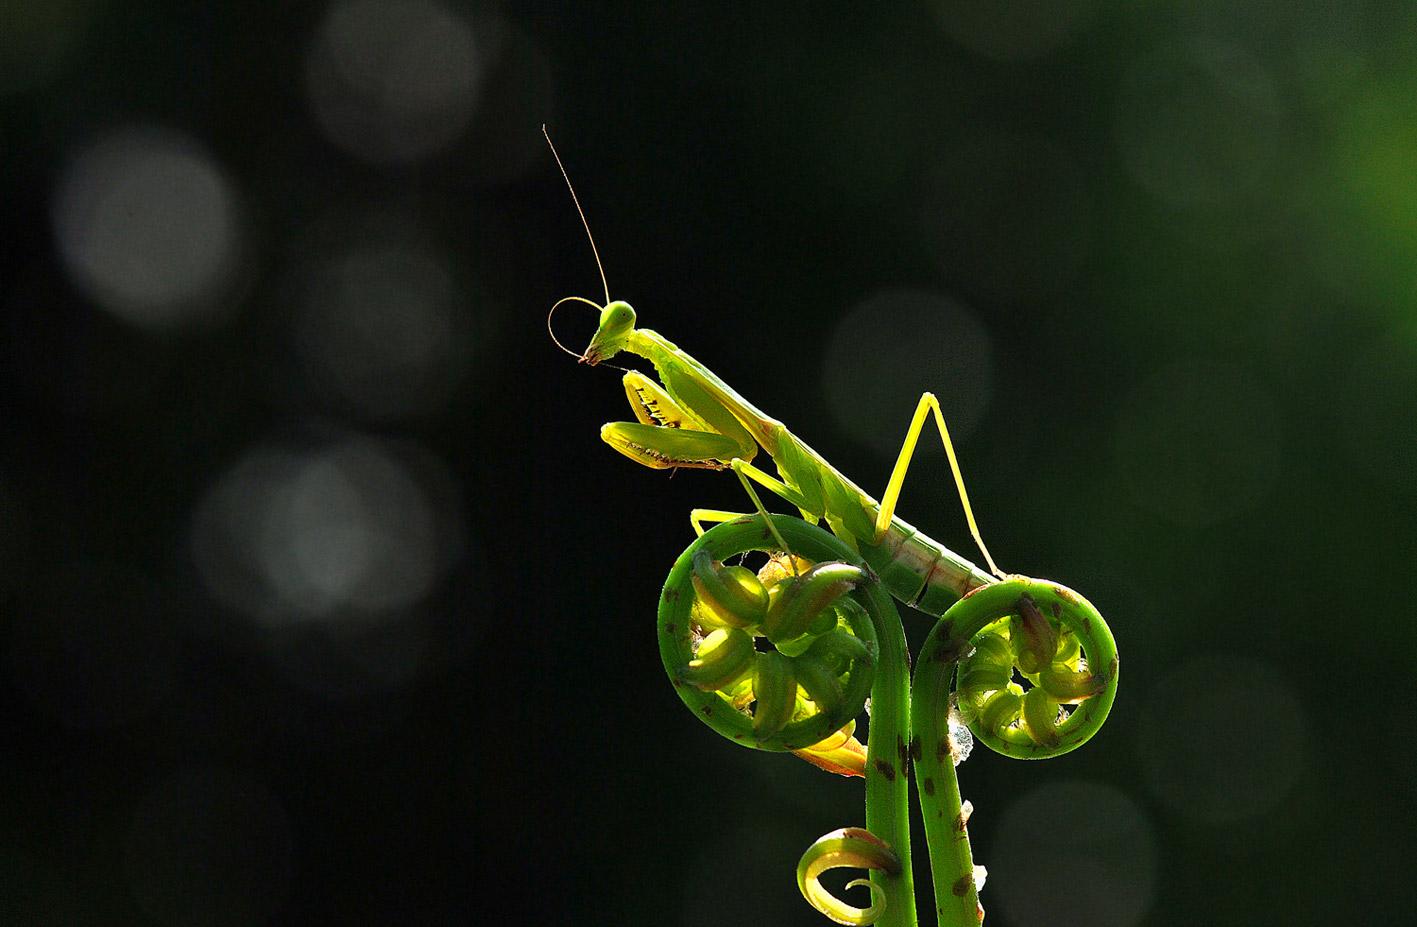 garden-insects-nordin-seruyan-10